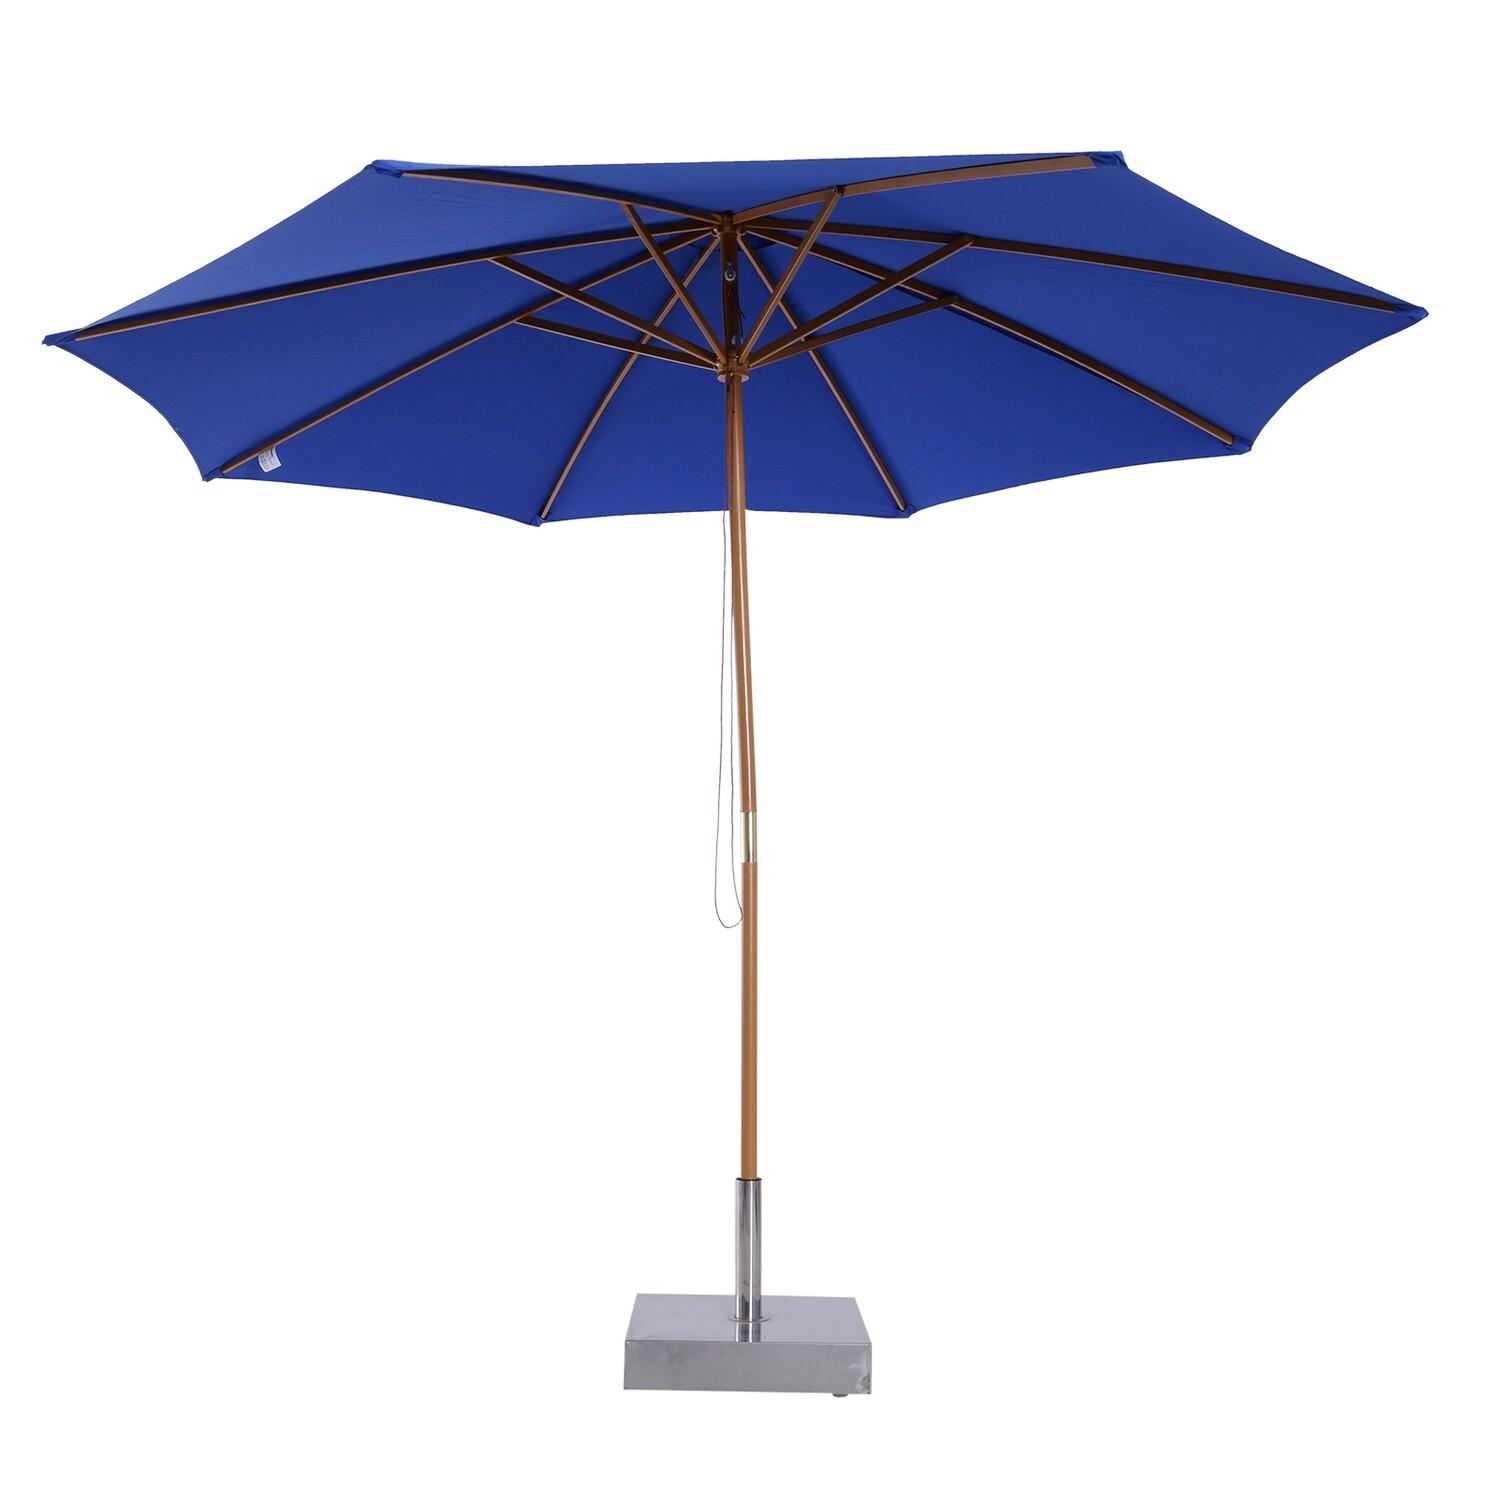 Outsunny® Holz Sonnenschirm 300x245cm Gartenschirm Balkonschirm Blau